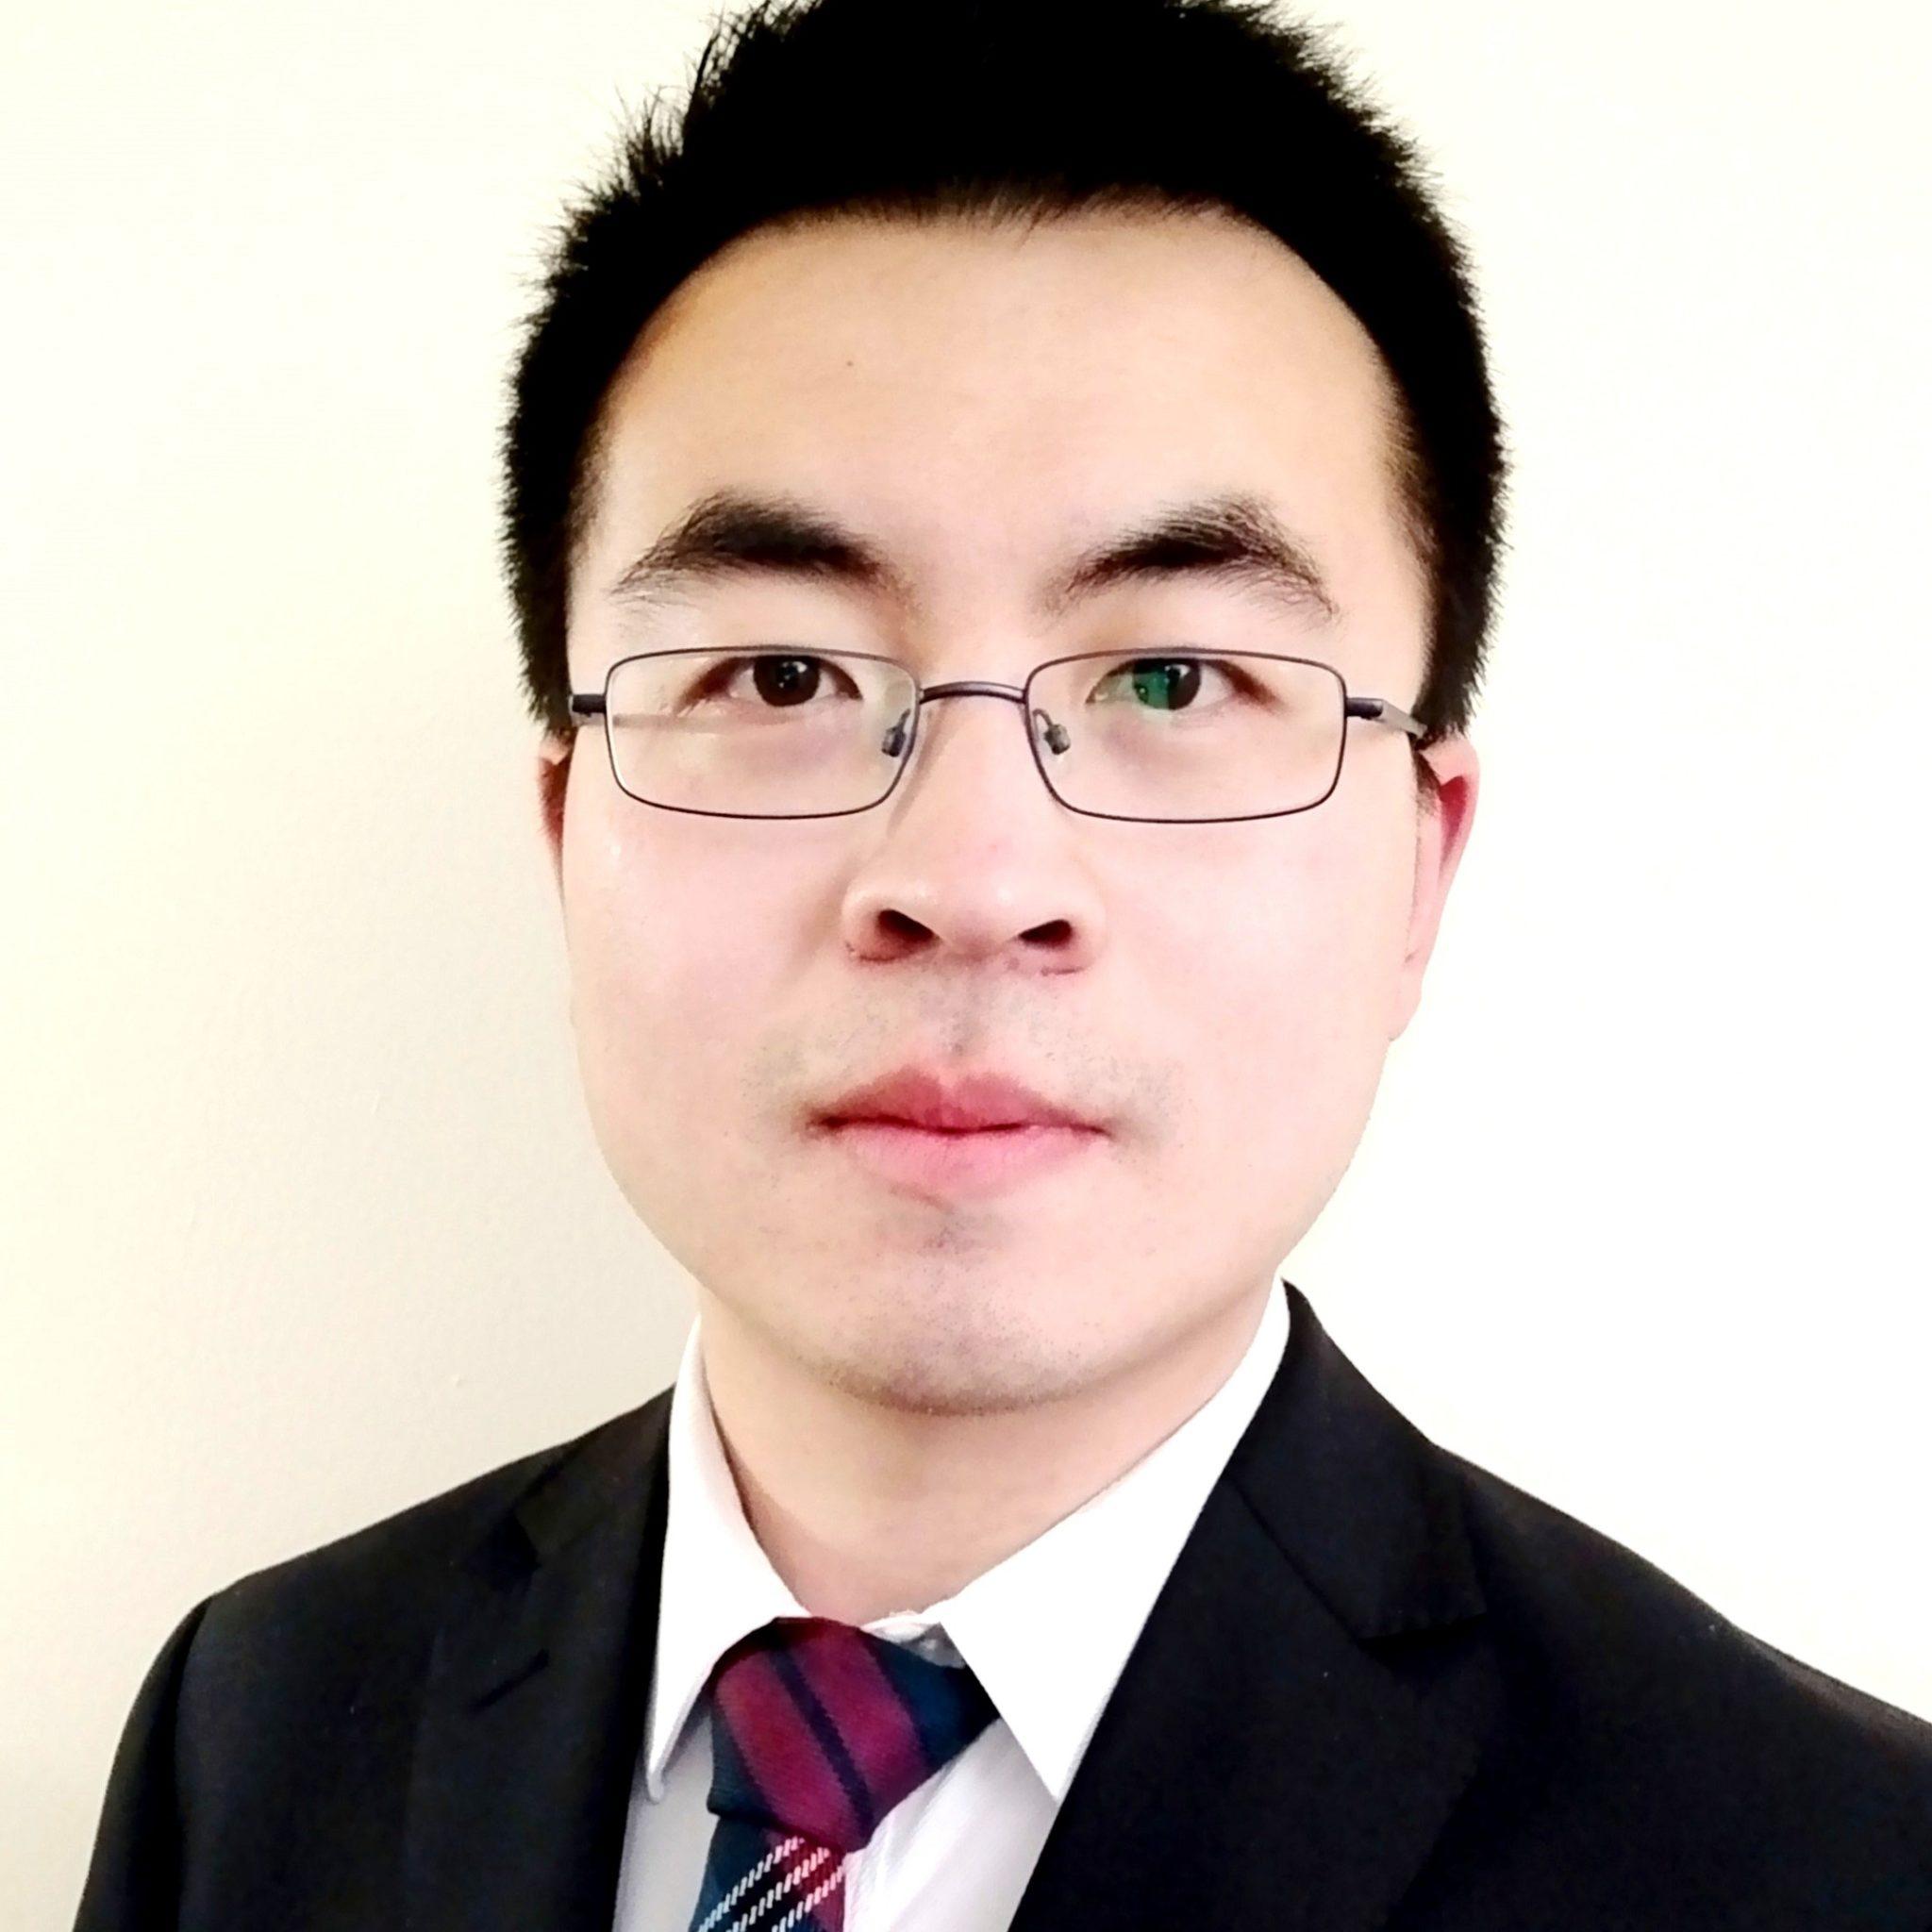 Yunjie Yang